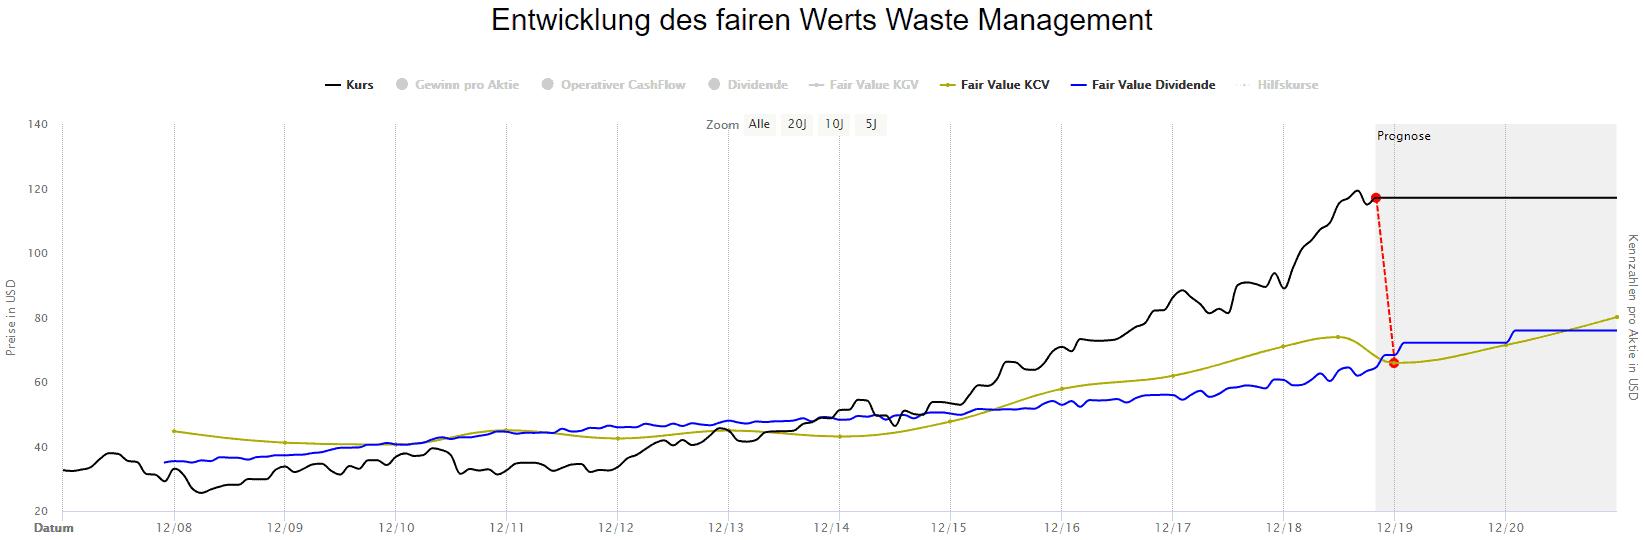 Berechnung des fairen Werts für Waste Management basierend auf operativem Cash-Flow und Dividende